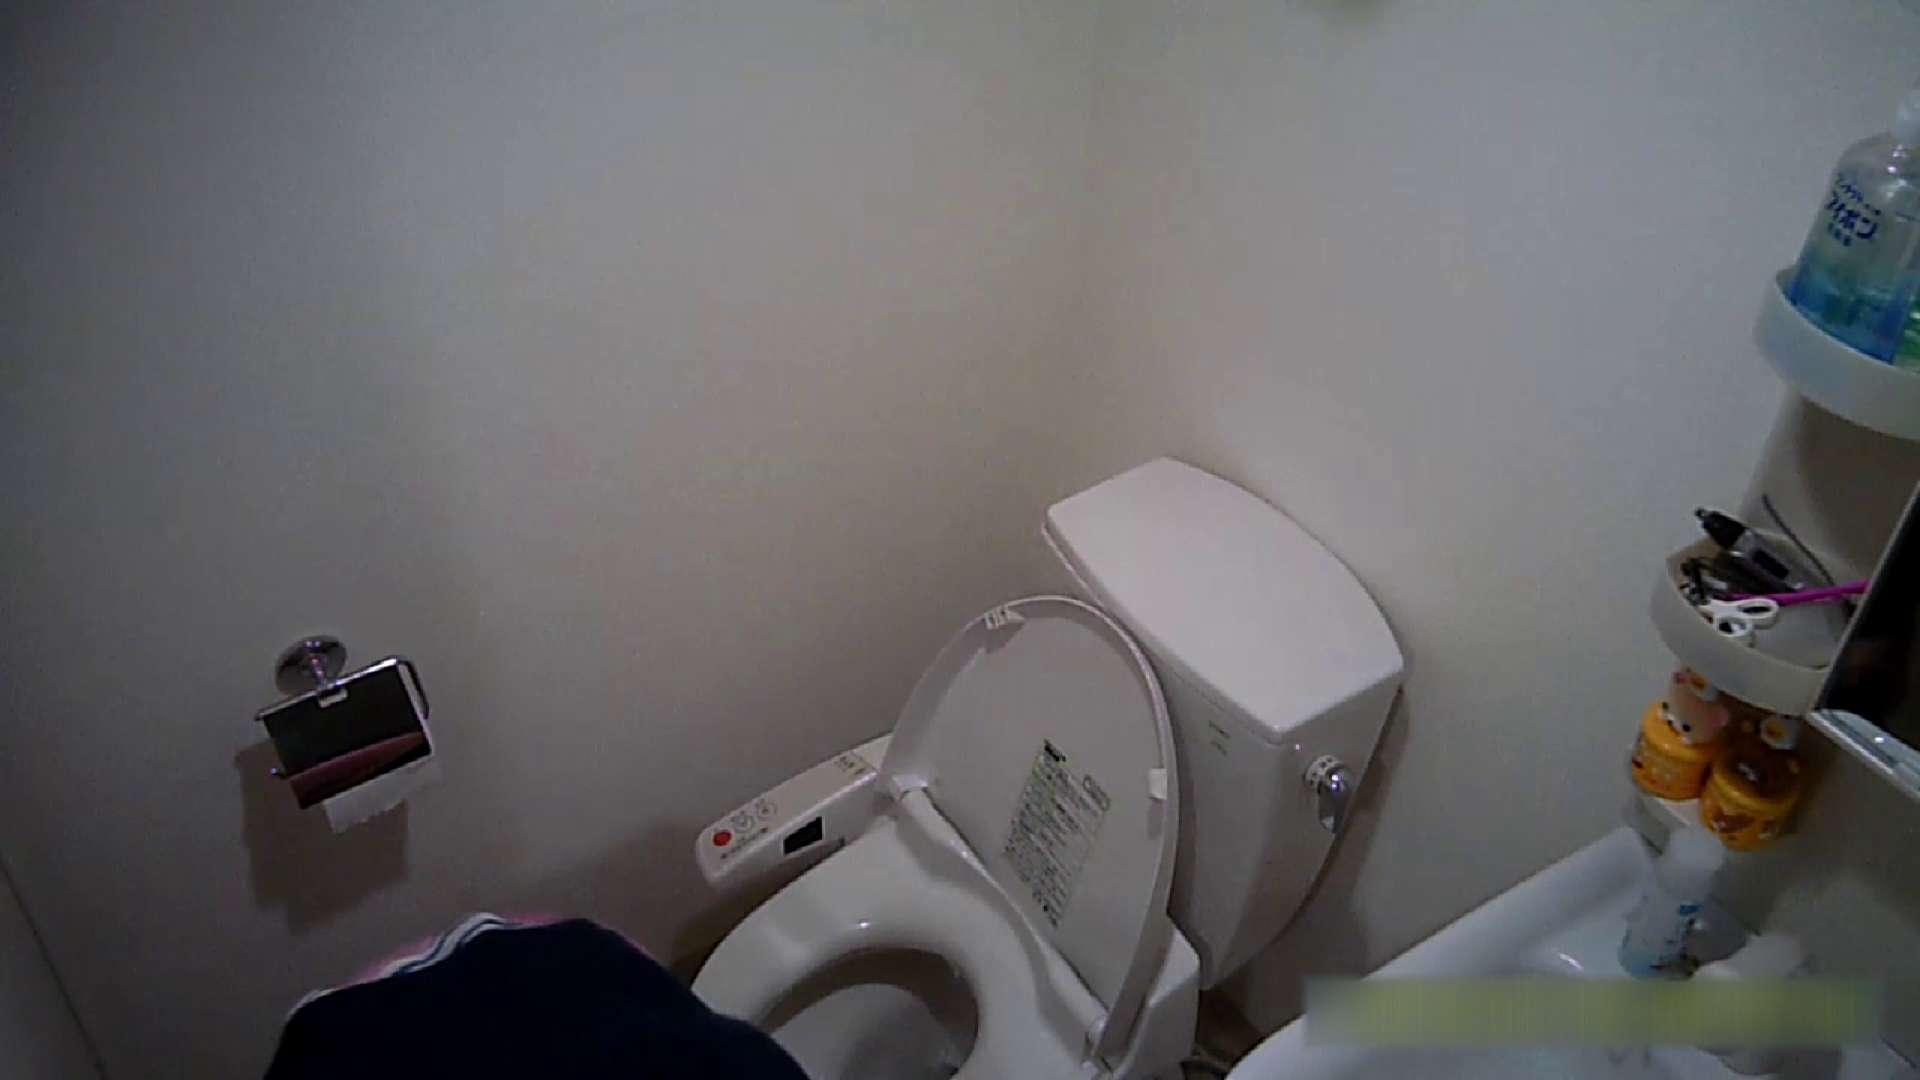 清楚な顔してかなり敏感なE子25歳(仮名)Vol.04 トイレ編 洗面所 | お姉さん攻略  62画像 57